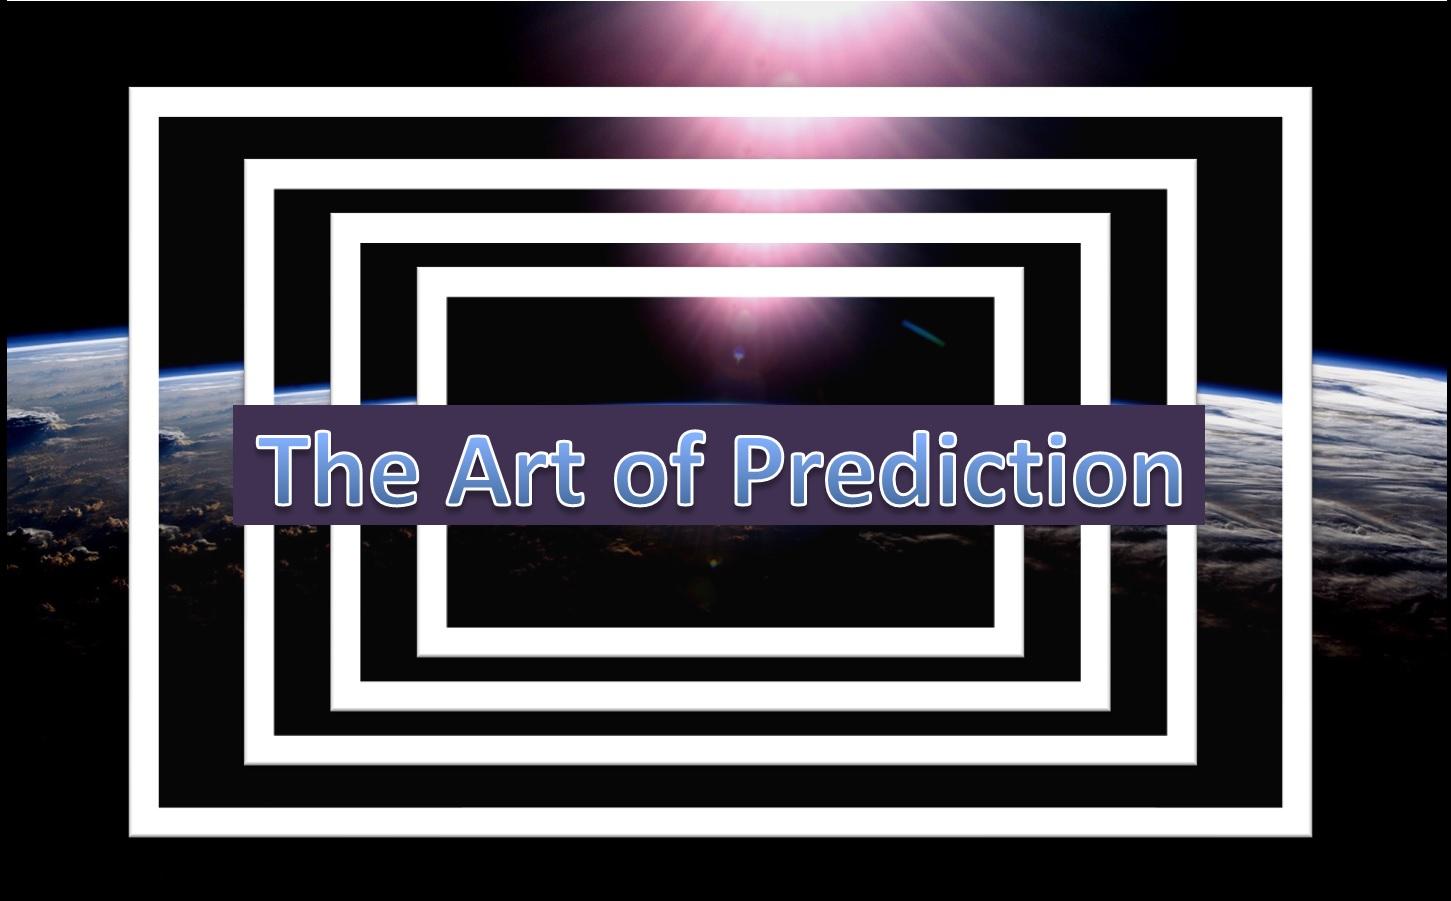 artofprediction